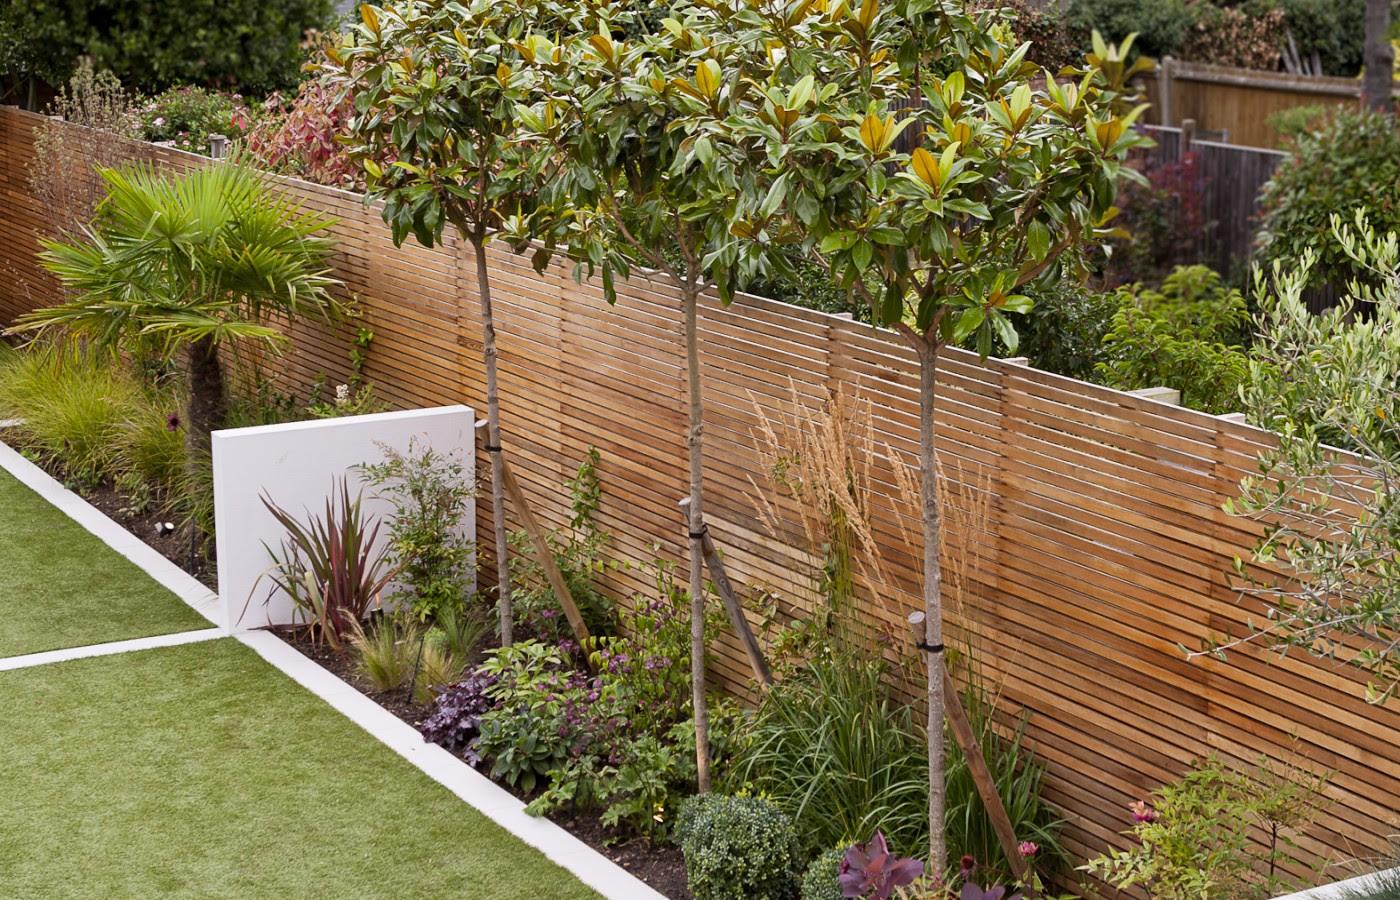 Garden Design Long Narrow Kumpulan Materi Pelajaran Dan Contoh Soal 2